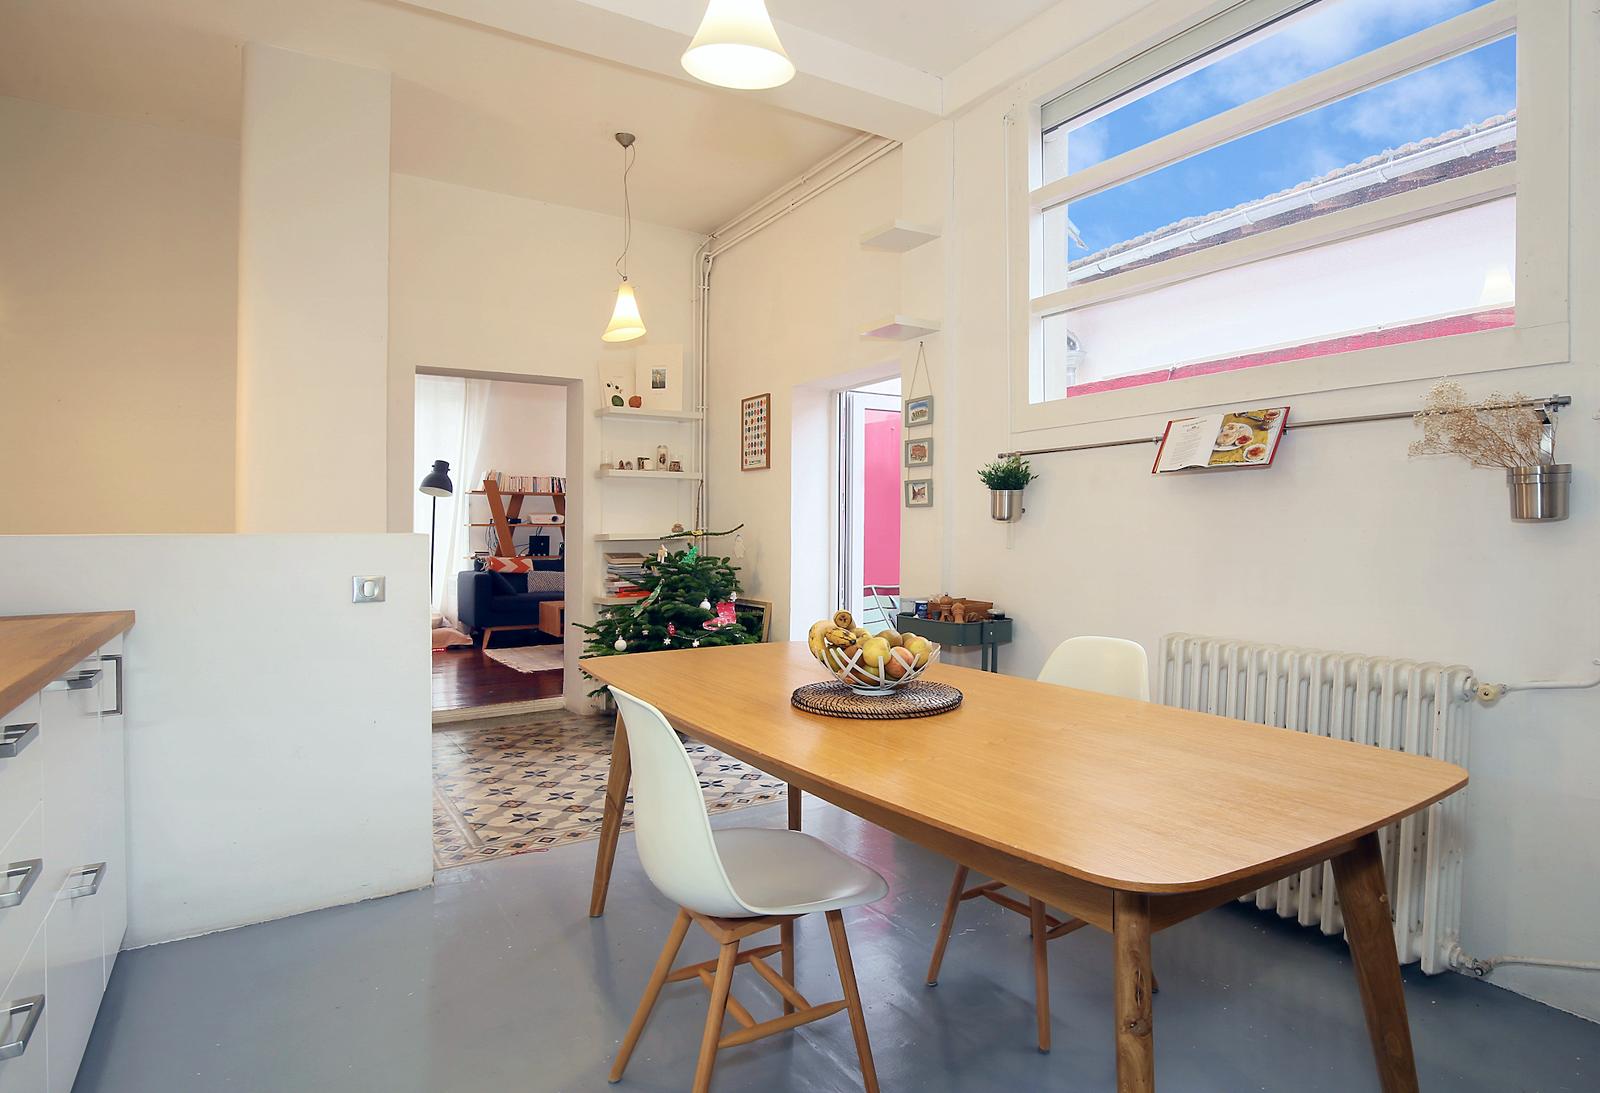 Vends maison 4chambres, 118m², proche Caousou et place Dupuy Toulouse (31)